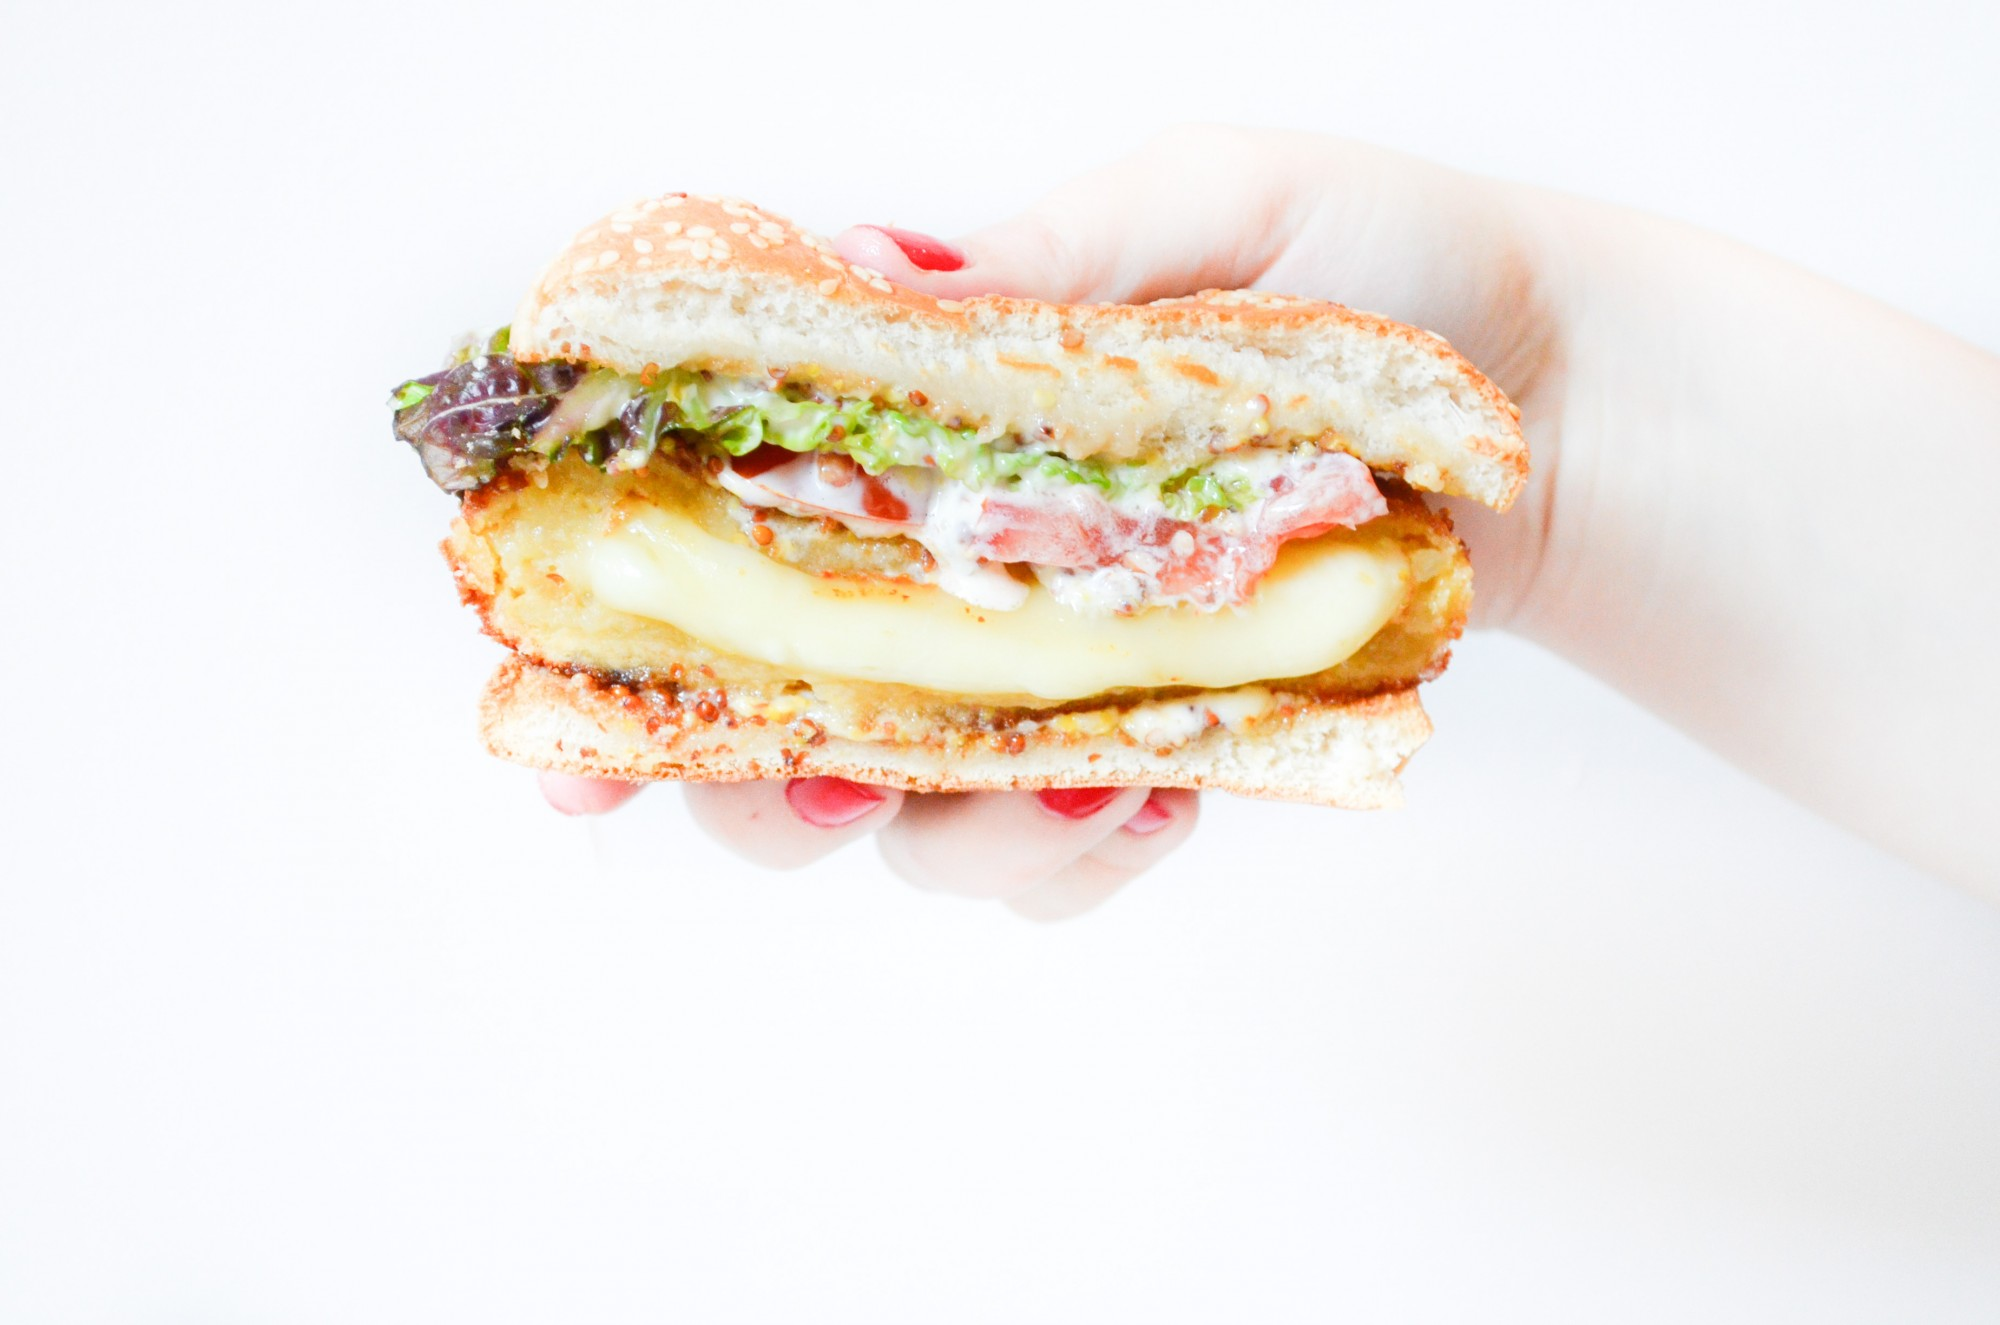 burger vegetarien steak de pomme de terre fourré au fromage à raclette sauce moutarde à l'ancienne